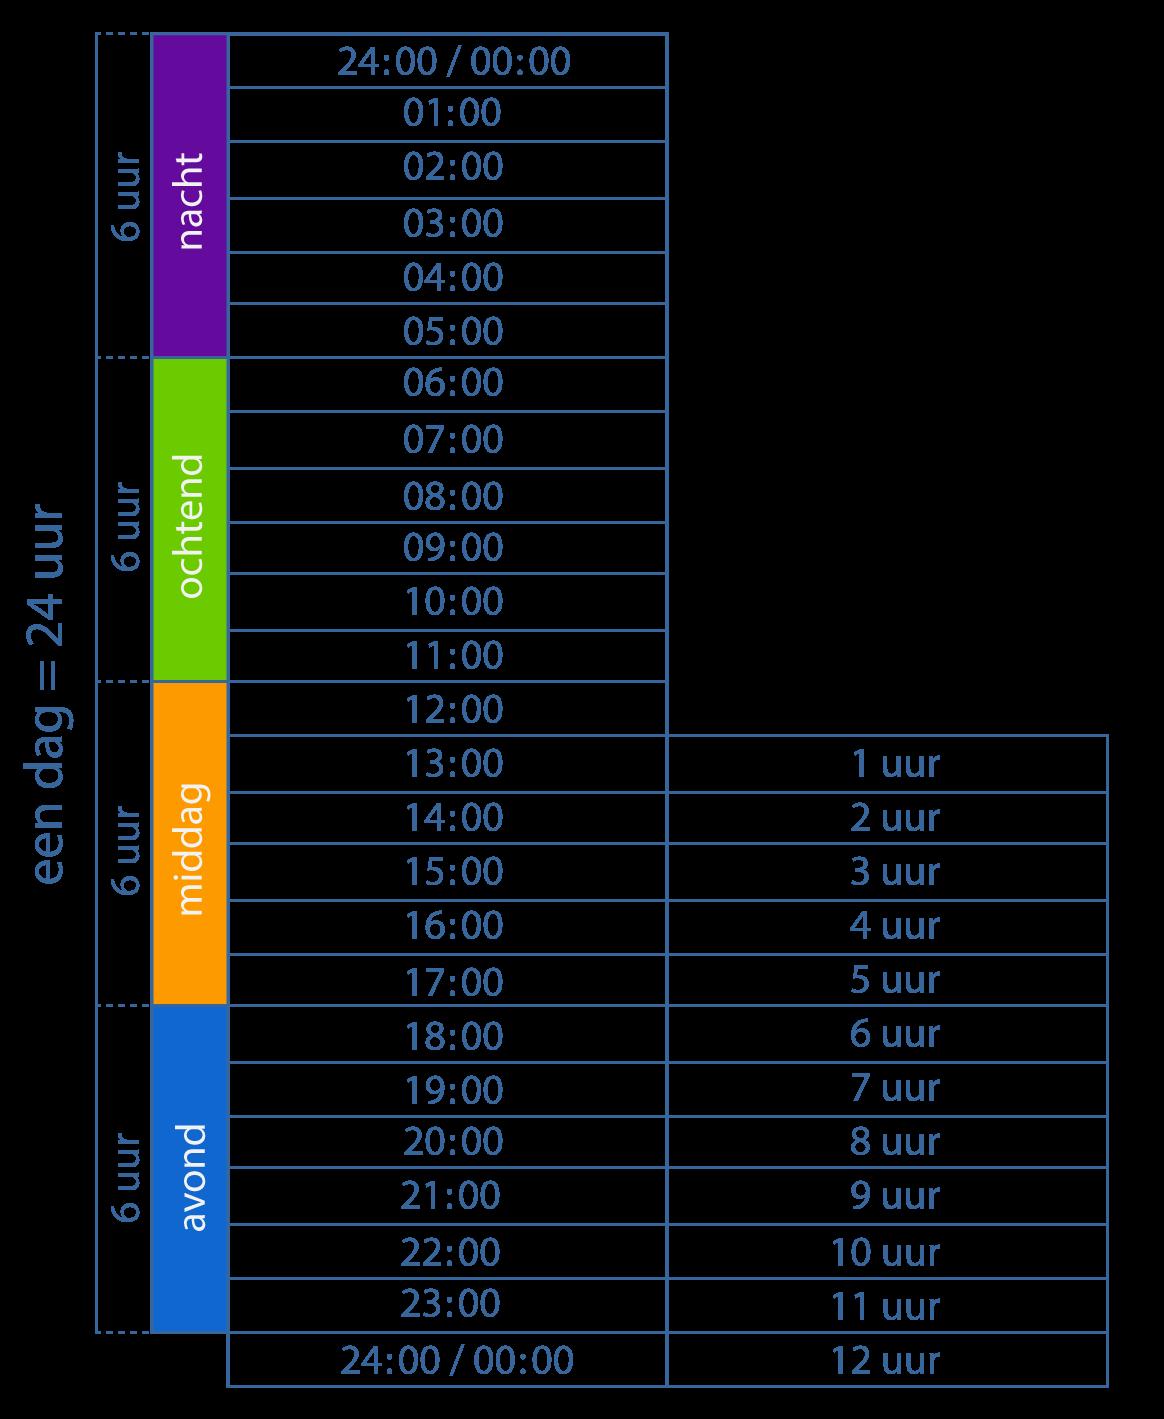 24-uurs notatie. Leren klokkijken op de digitale klok. Overzicht tijdsnotatie digitale klok.